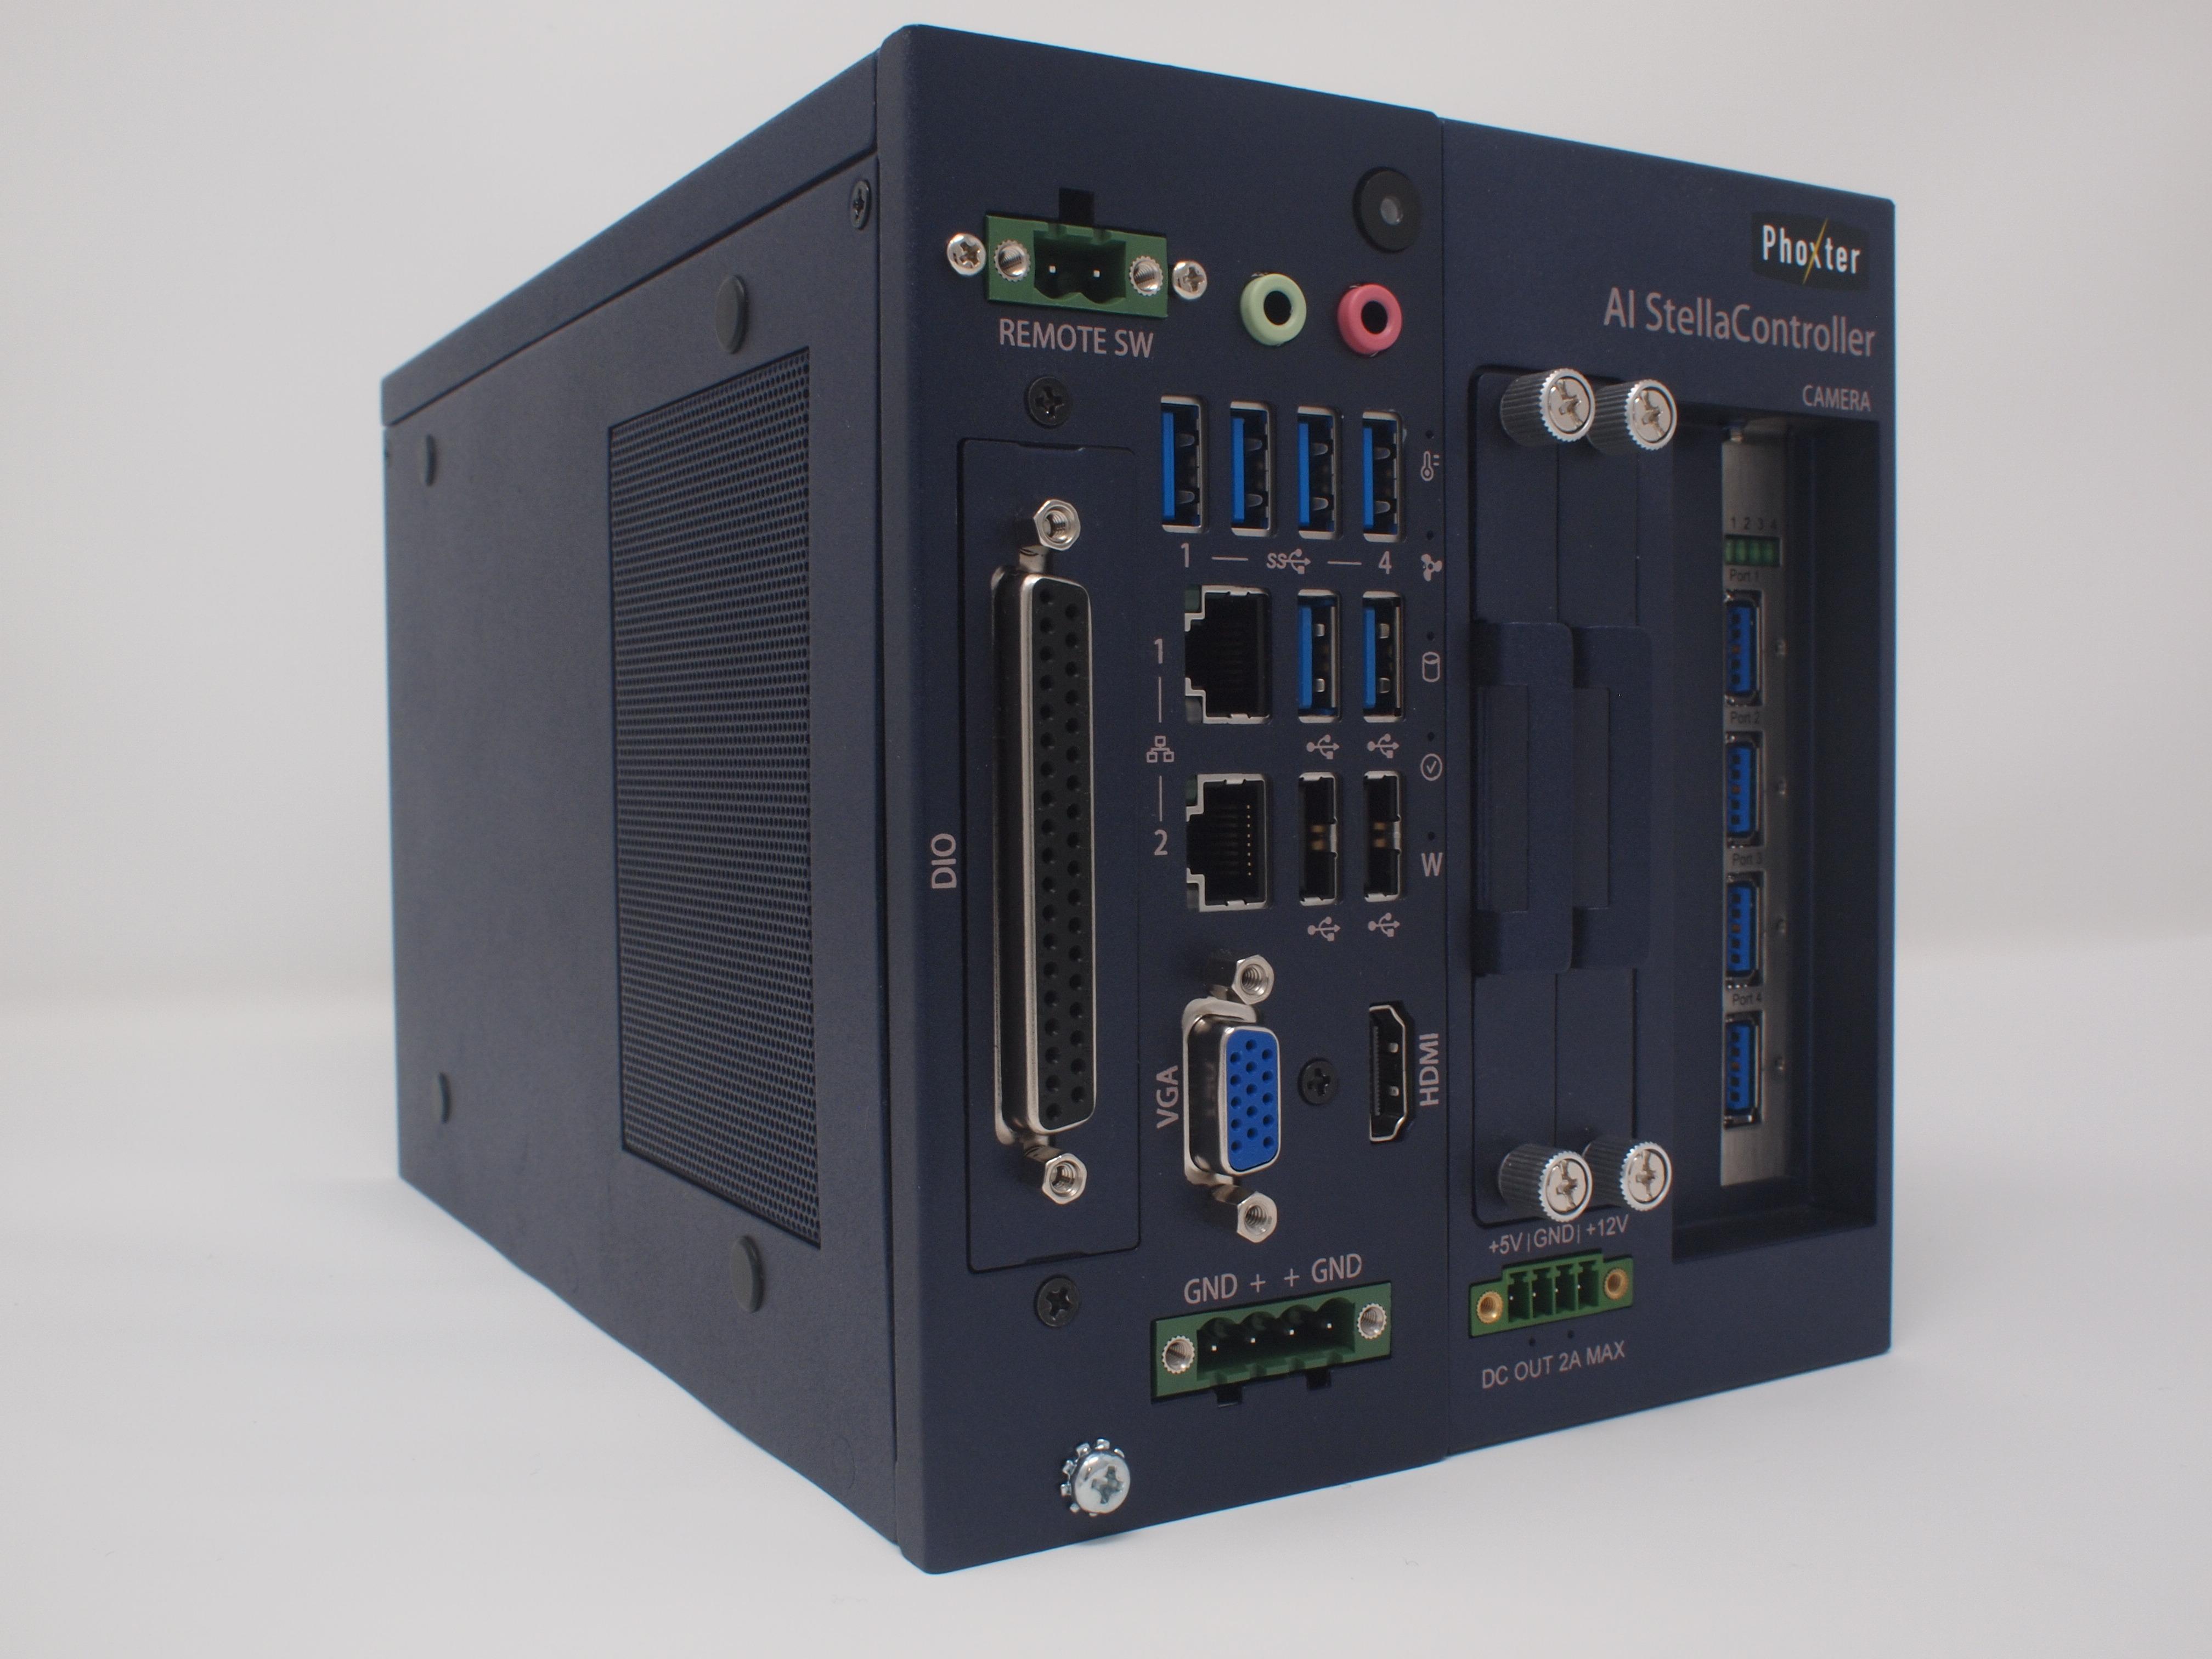 フォクスター、AI外観検査対応ハイブリッド画像処理システム 5月、日本・中国同時販売